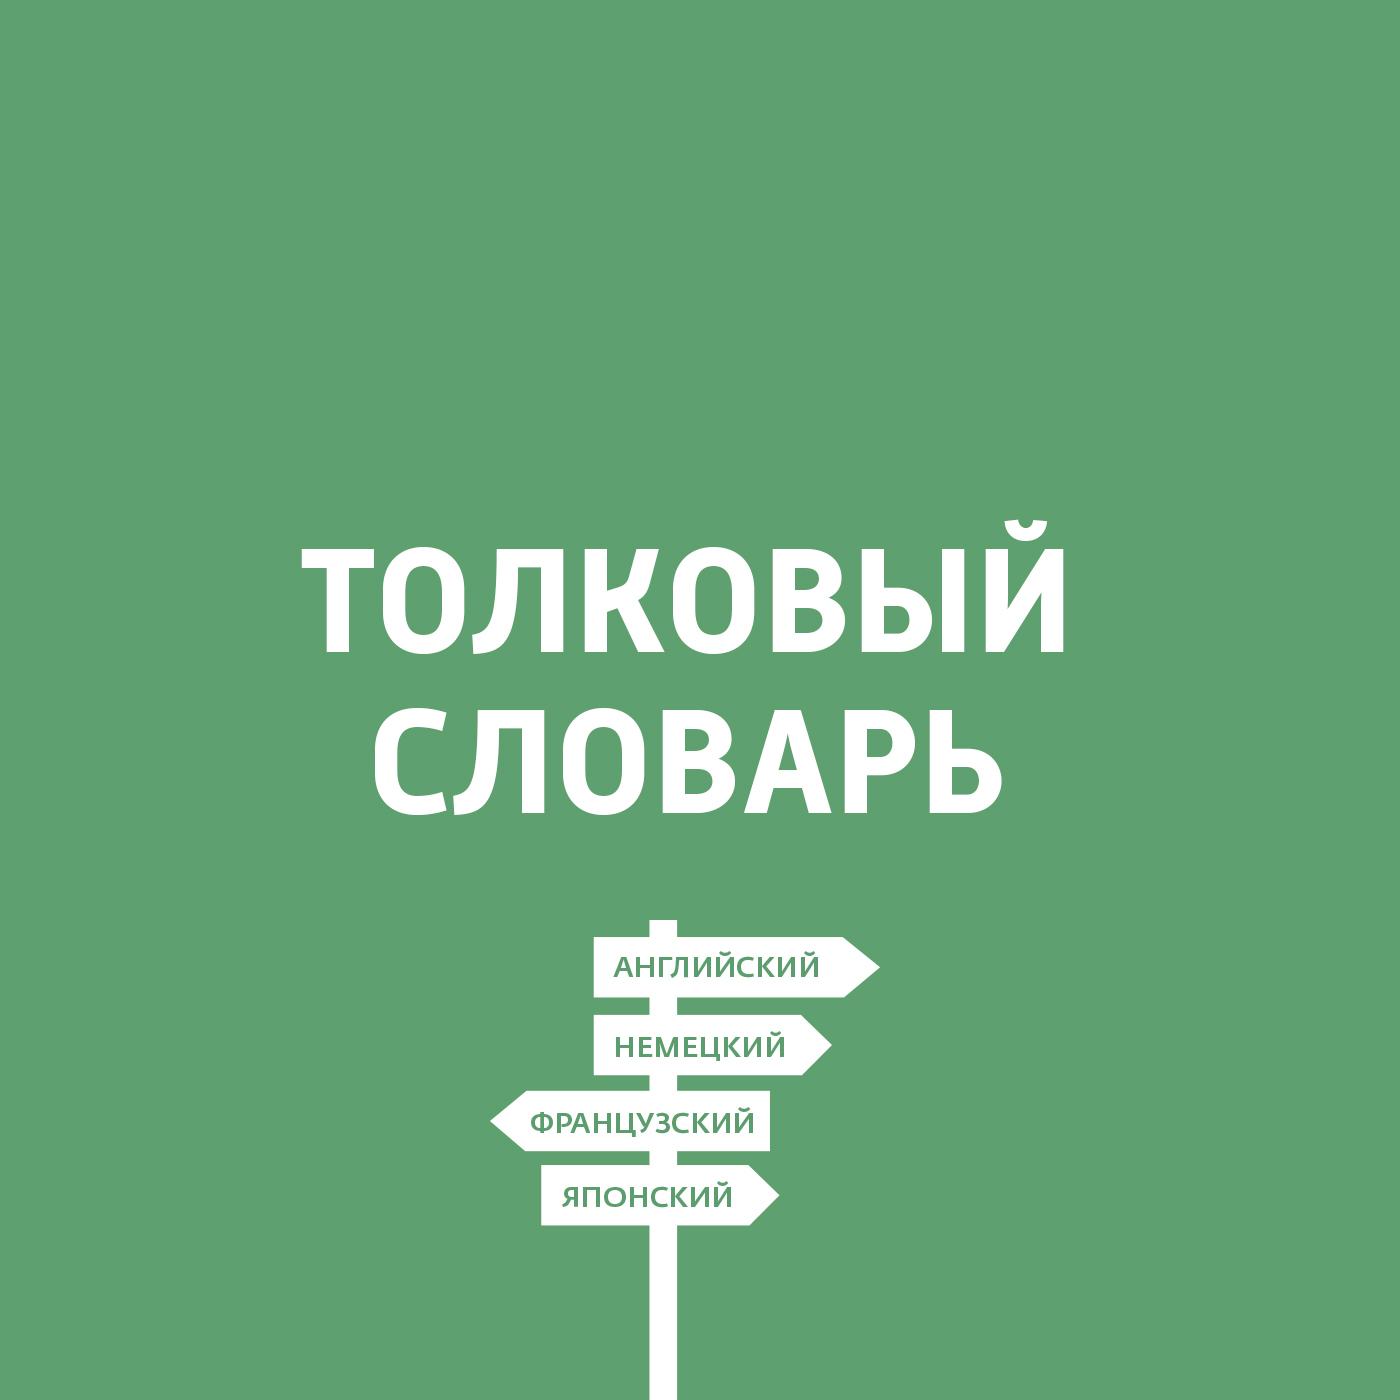 Дмитрий Петров Финский язык